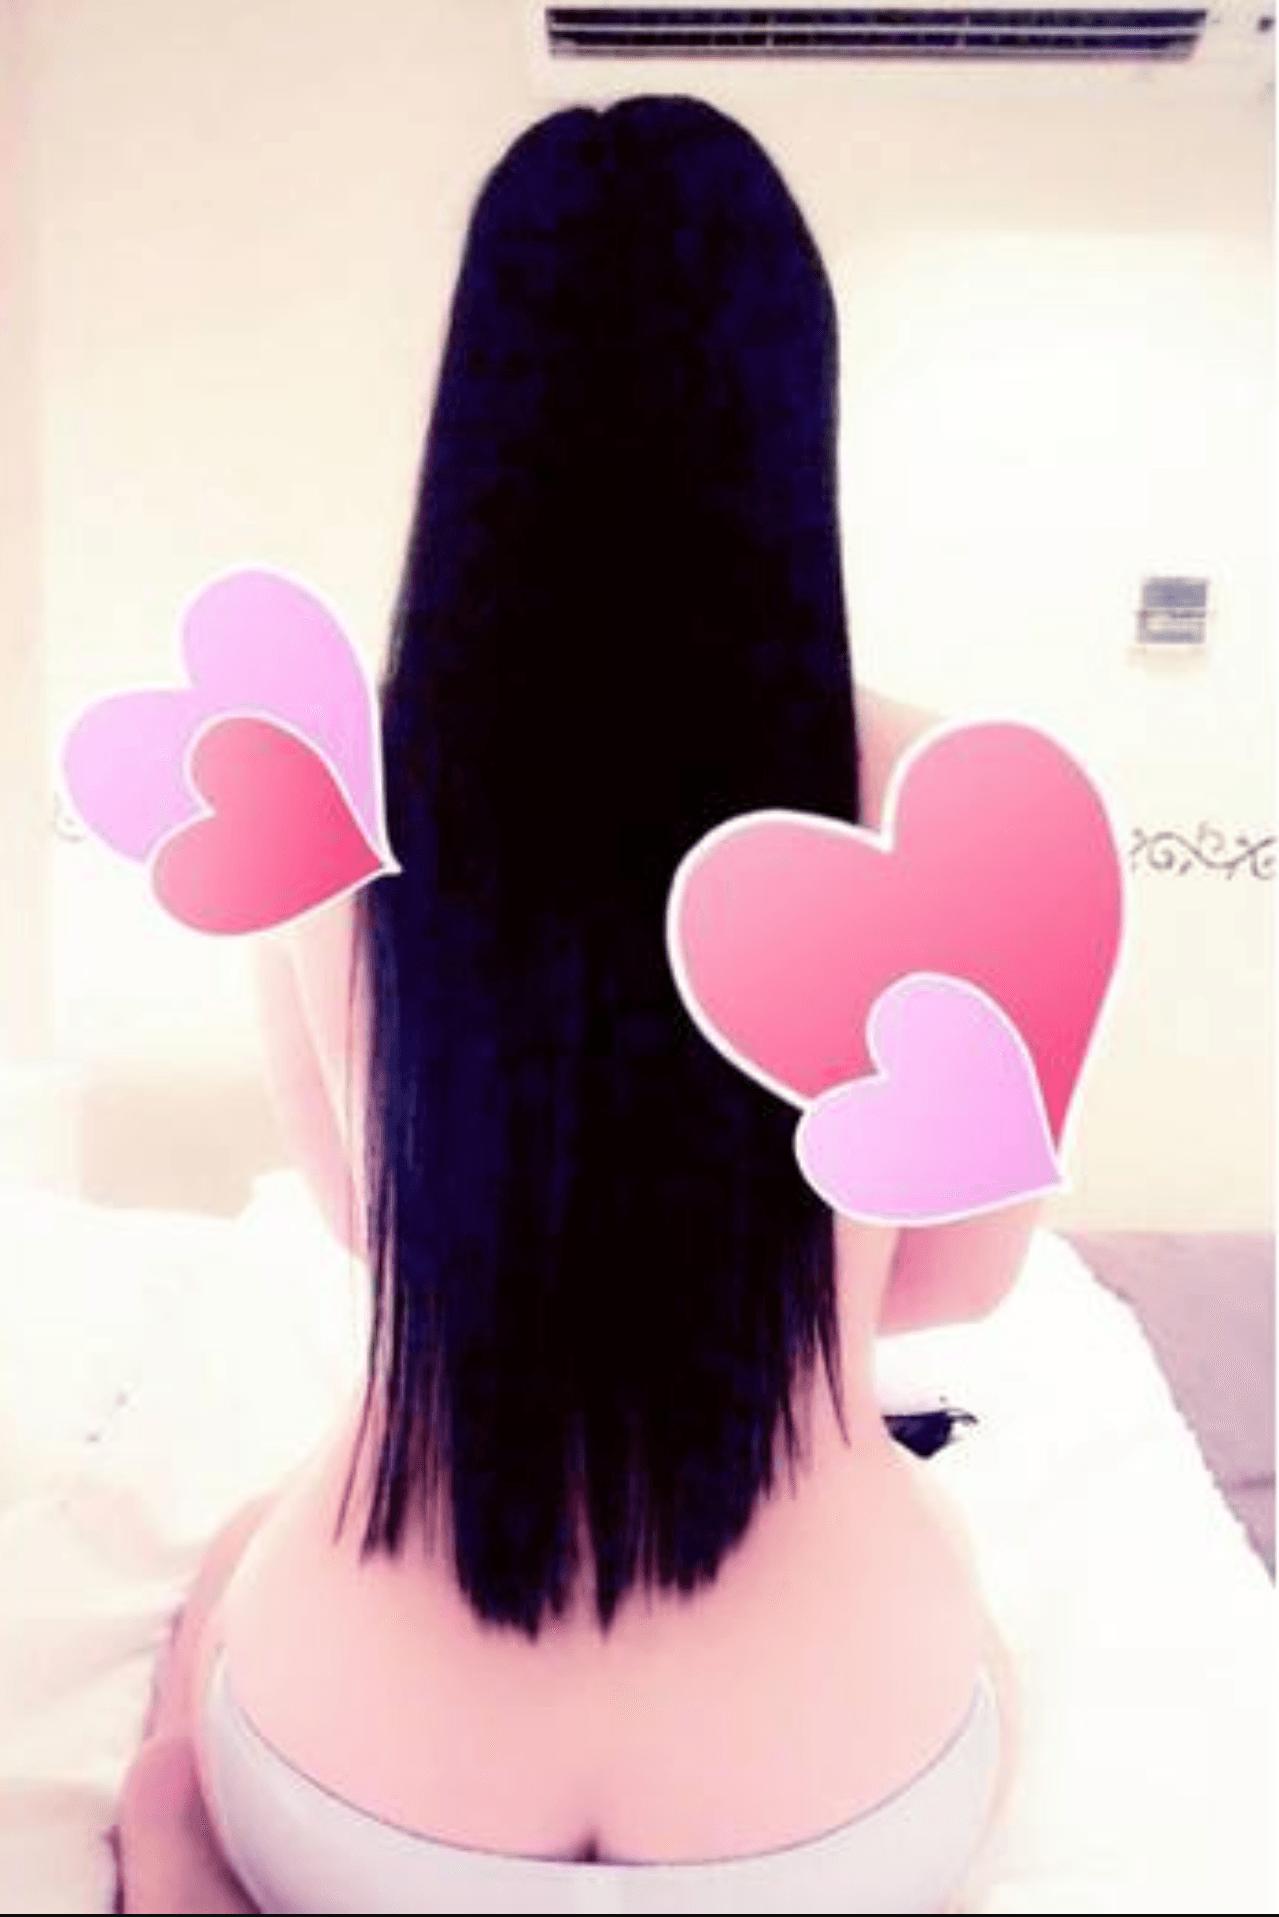 「*〜ありがとうございました〜*」10/22(火) 04:04   新人★藤咲 魅惑の黒髪ドS痴女の写メ・風俗動画